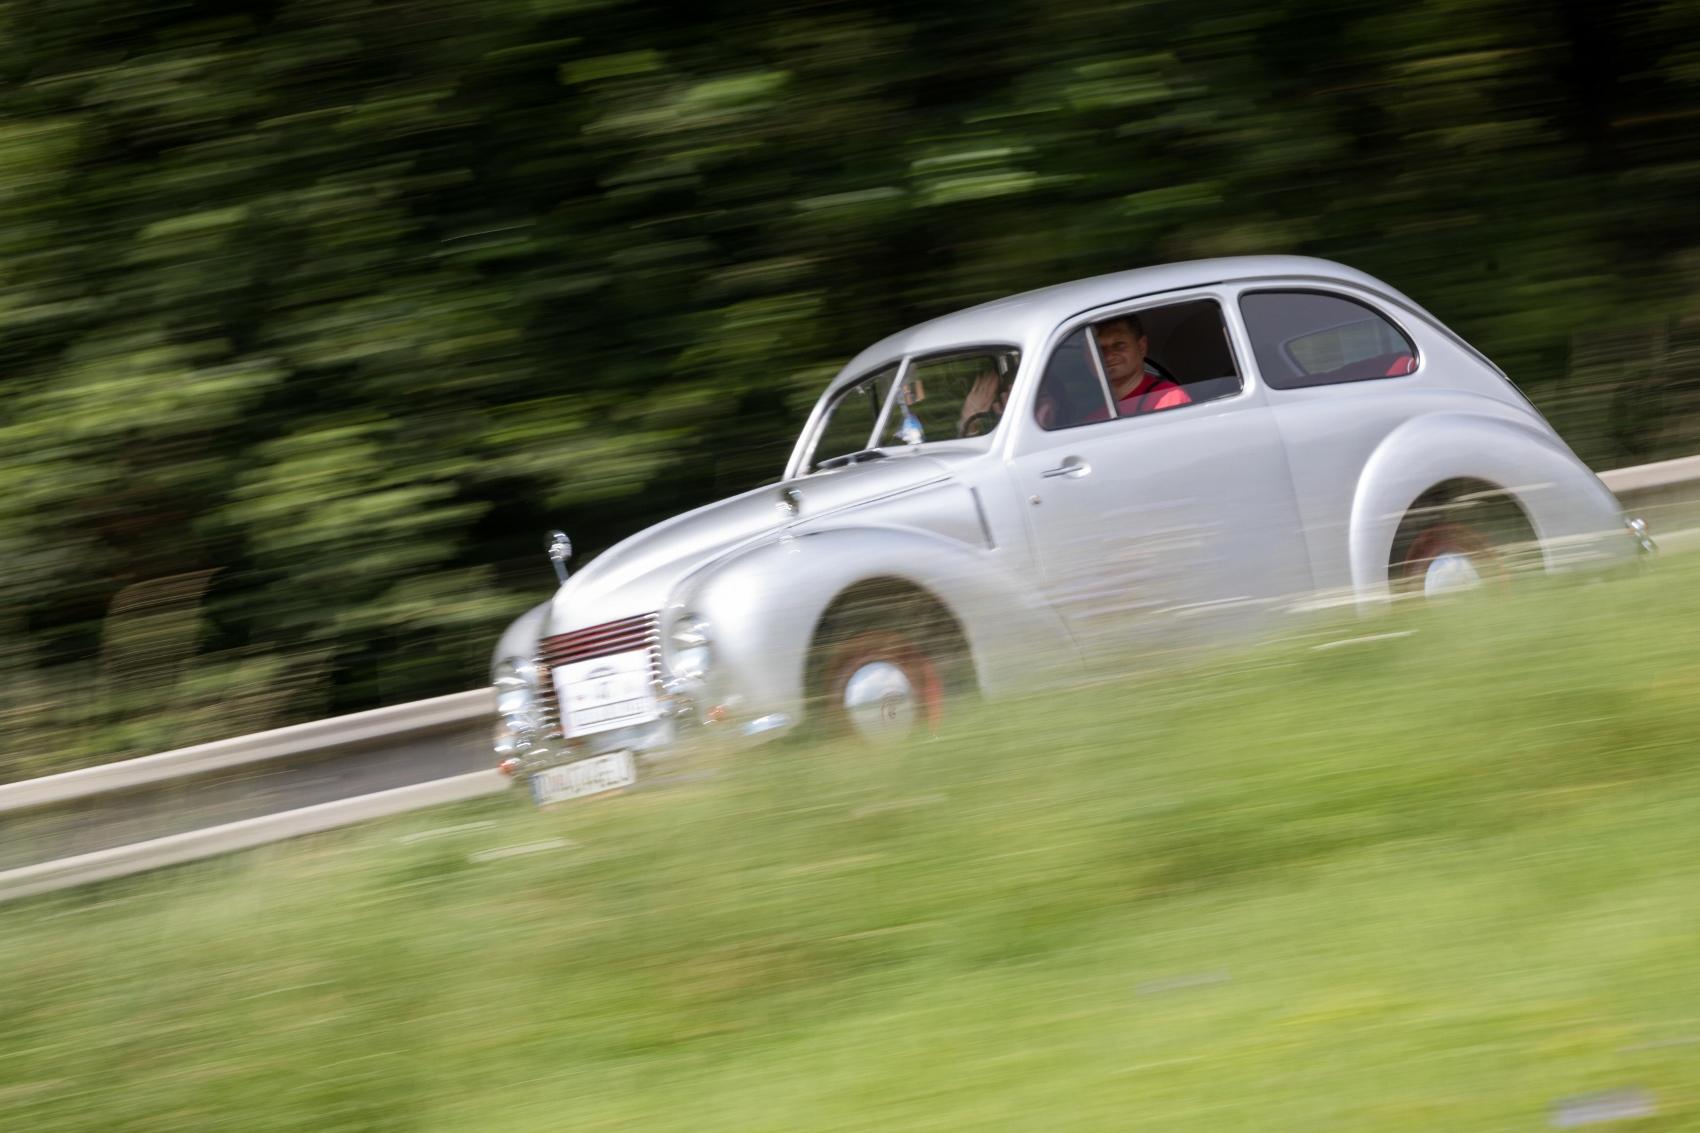 Pozrite si galériu z podujatia Beskyd Rallye – memoriál Ladislava Dlhopolčeka 2020 L0ARNO2Qlx turzov